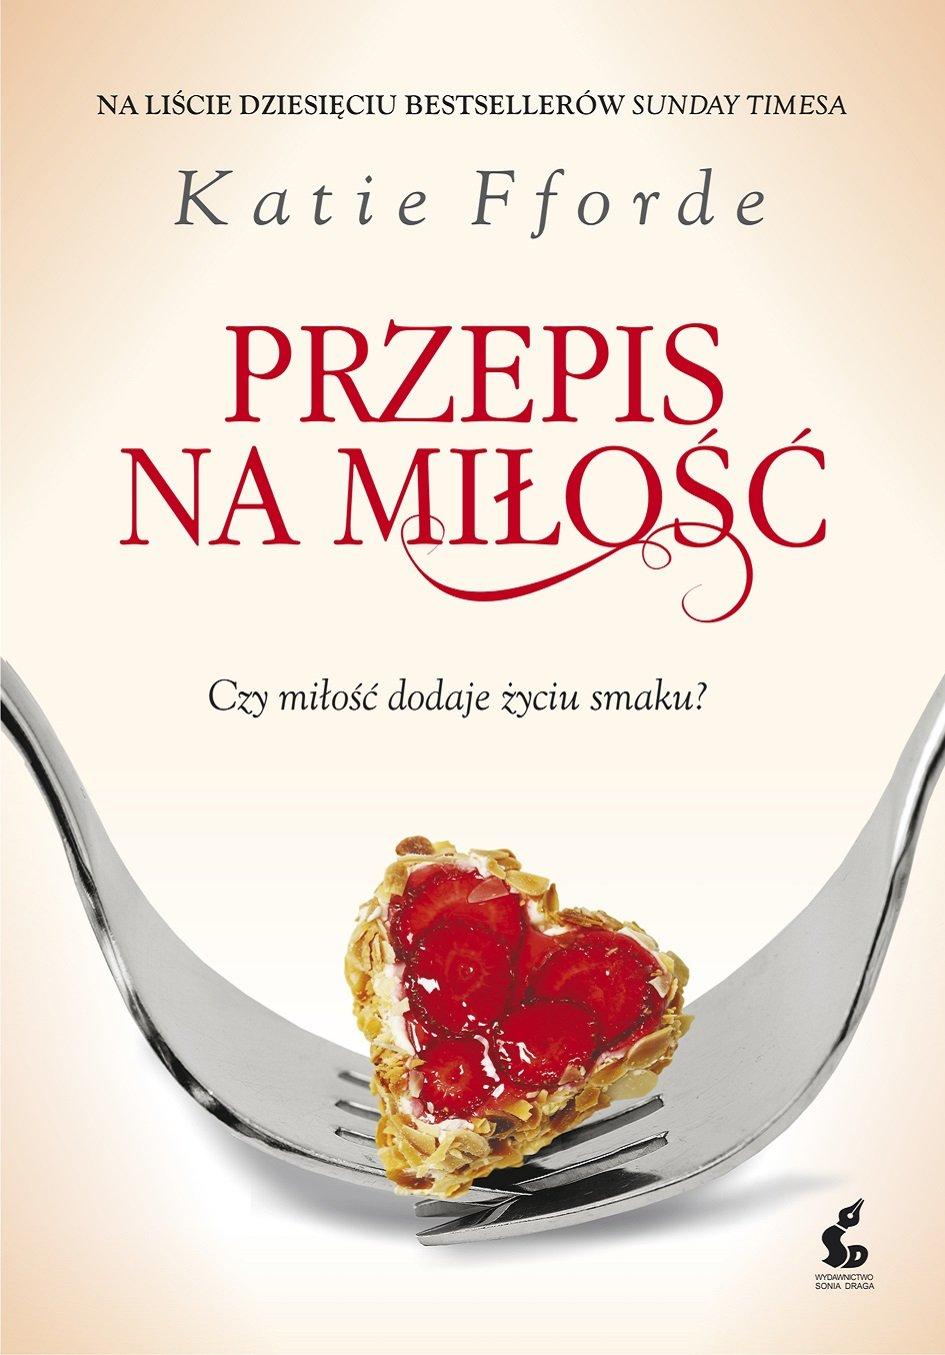 Przepis na miłość - Ebook (Książka na Kindle) do pobrania w formacie MOBI